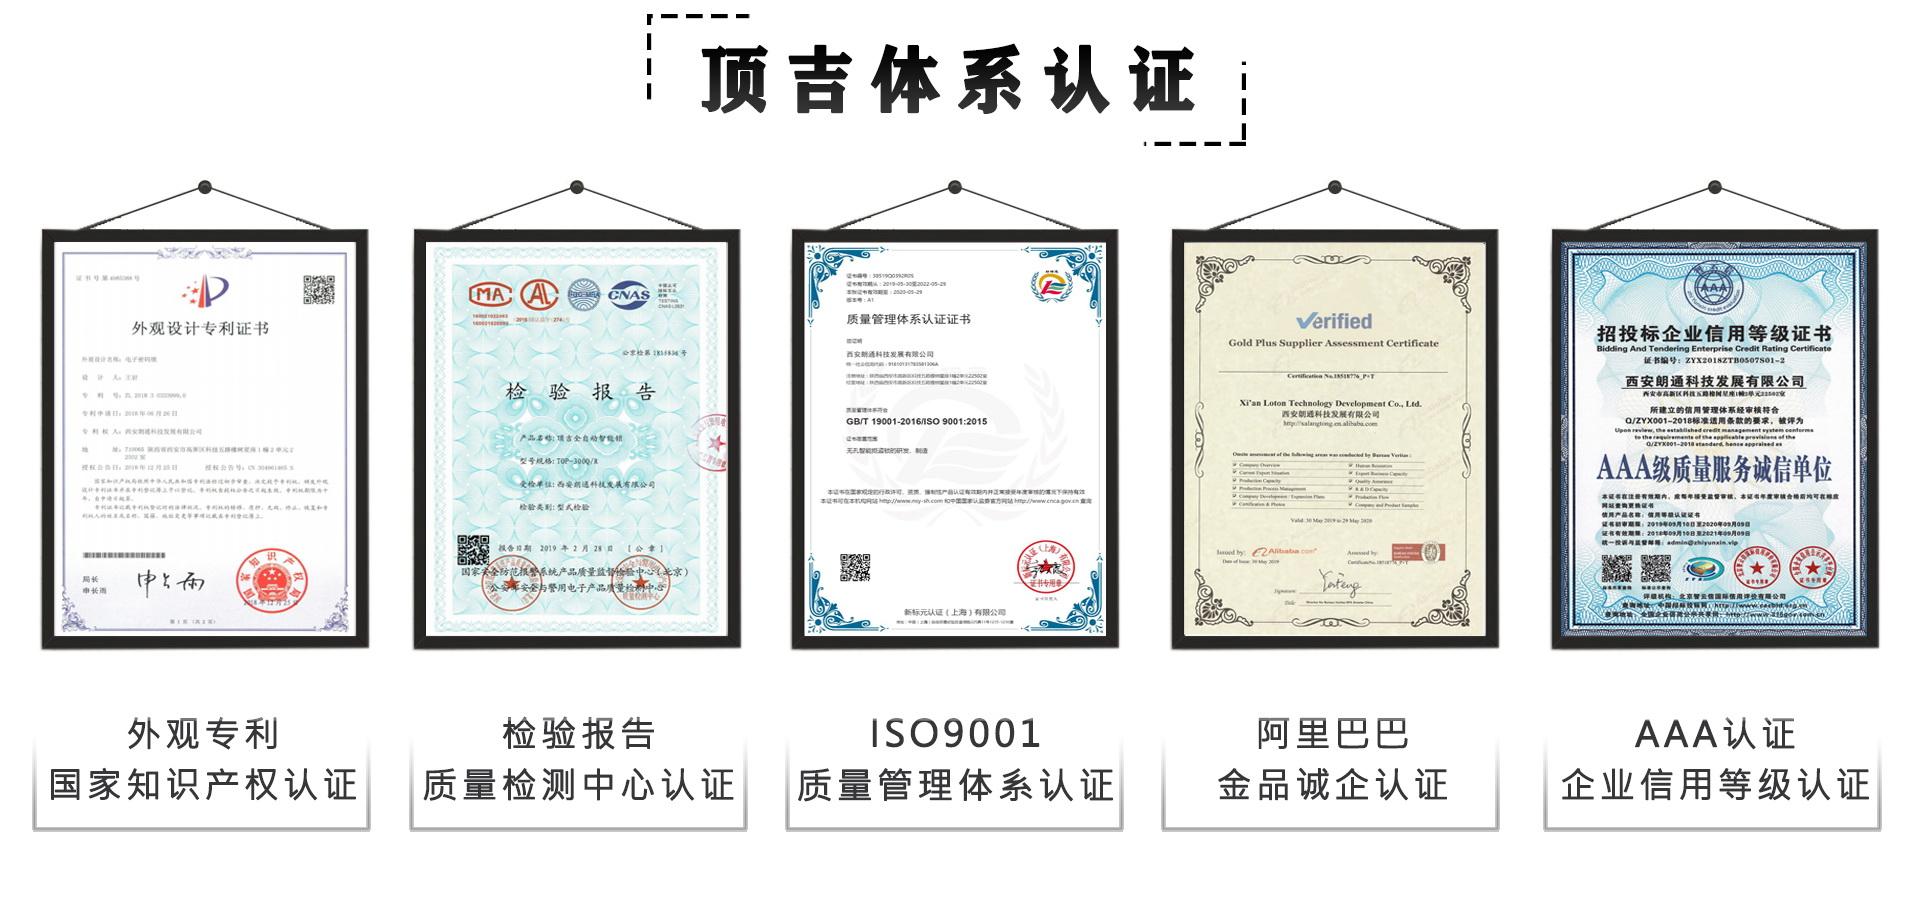 顶吉智能锁IOS9001质量体系认证